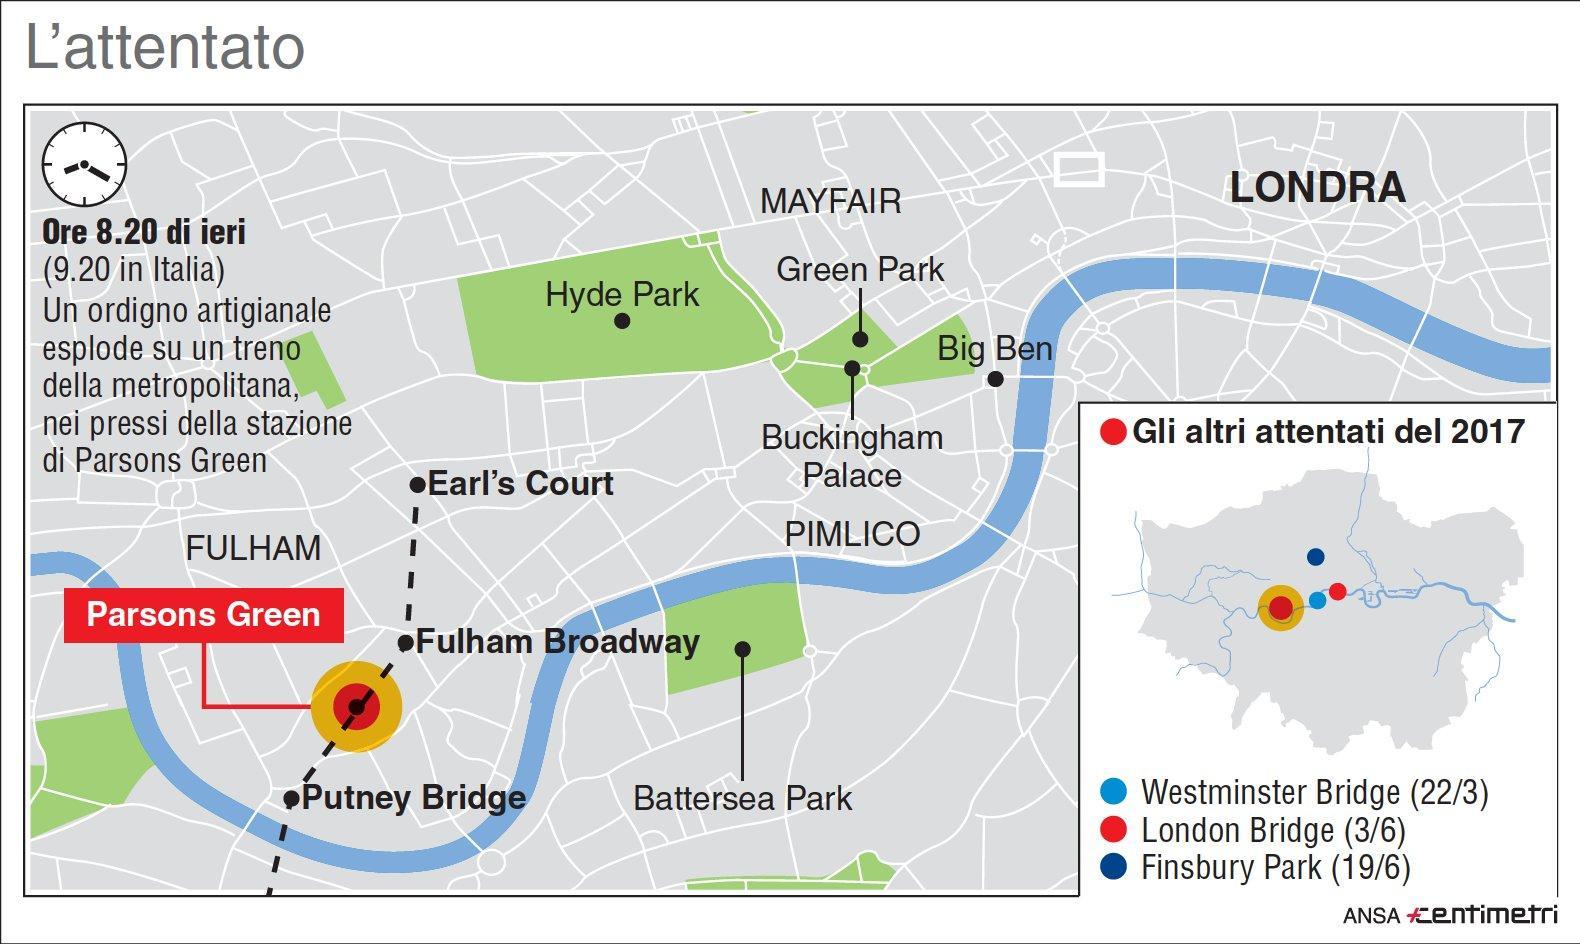 Attentato a Londra, il luogo dell attacco